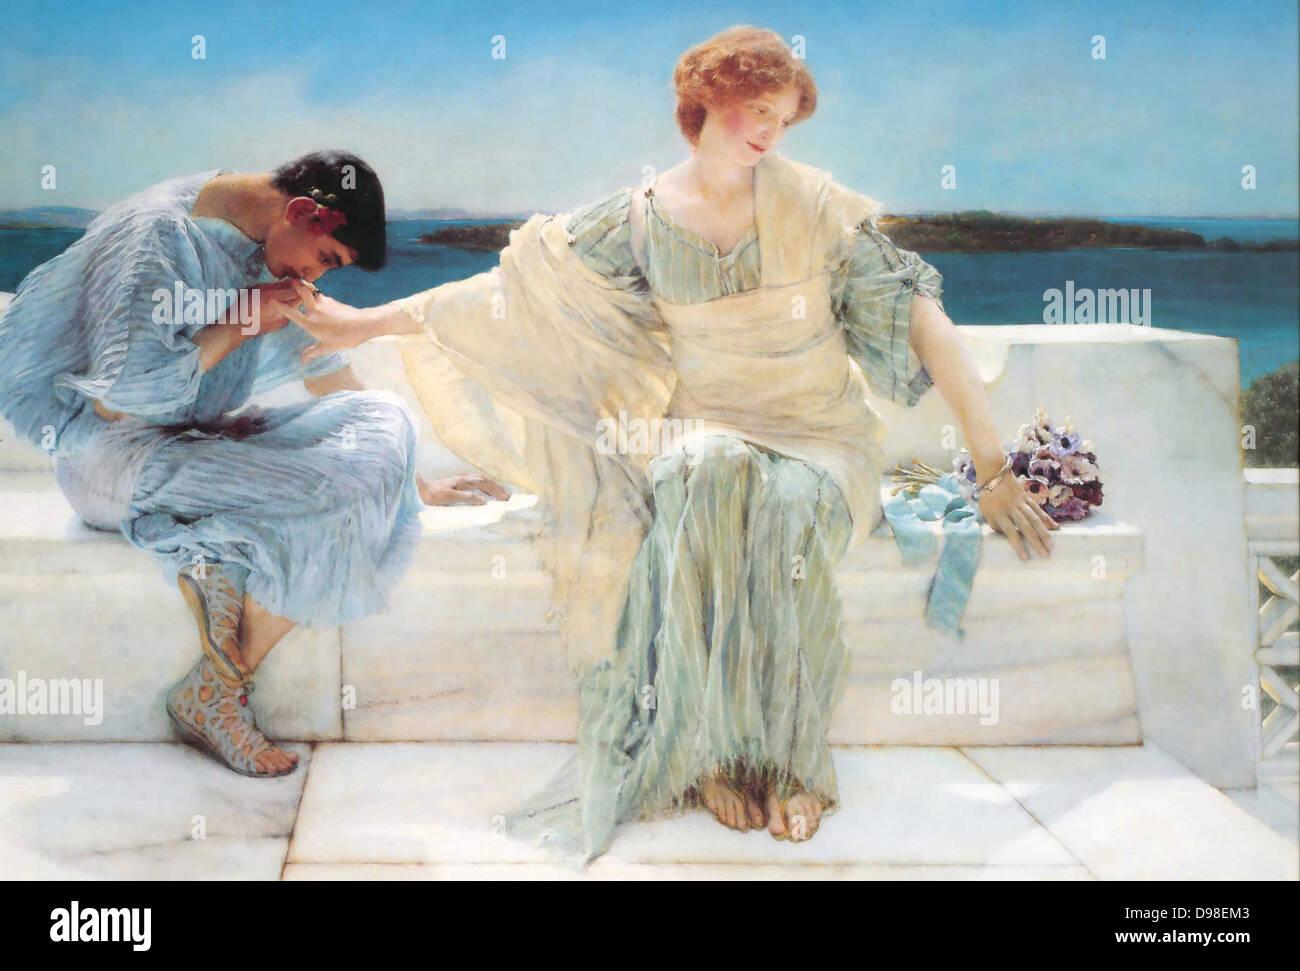 Ein Gemälde von Pyramus und Thisbe berechtigt fragen mich No More (1906) von Sir Lawrence Tadema (1836-1912). Stockbild